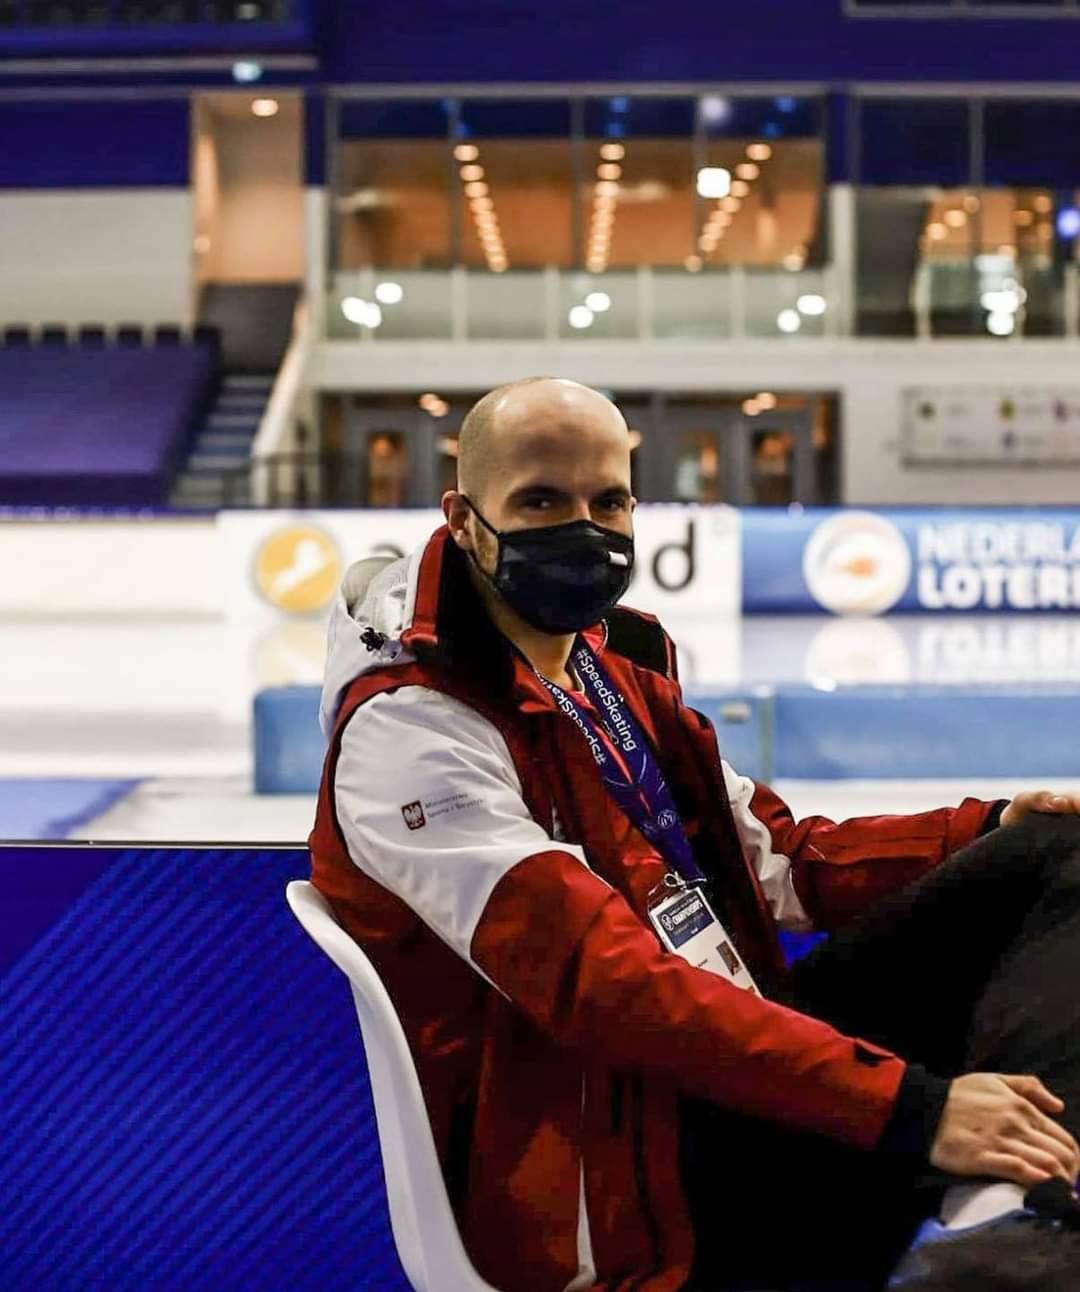 Sanoczanin Piotr Michalski na najsłynniejszym torze łyżwiarskim w Europie! - Zdjęcie główne